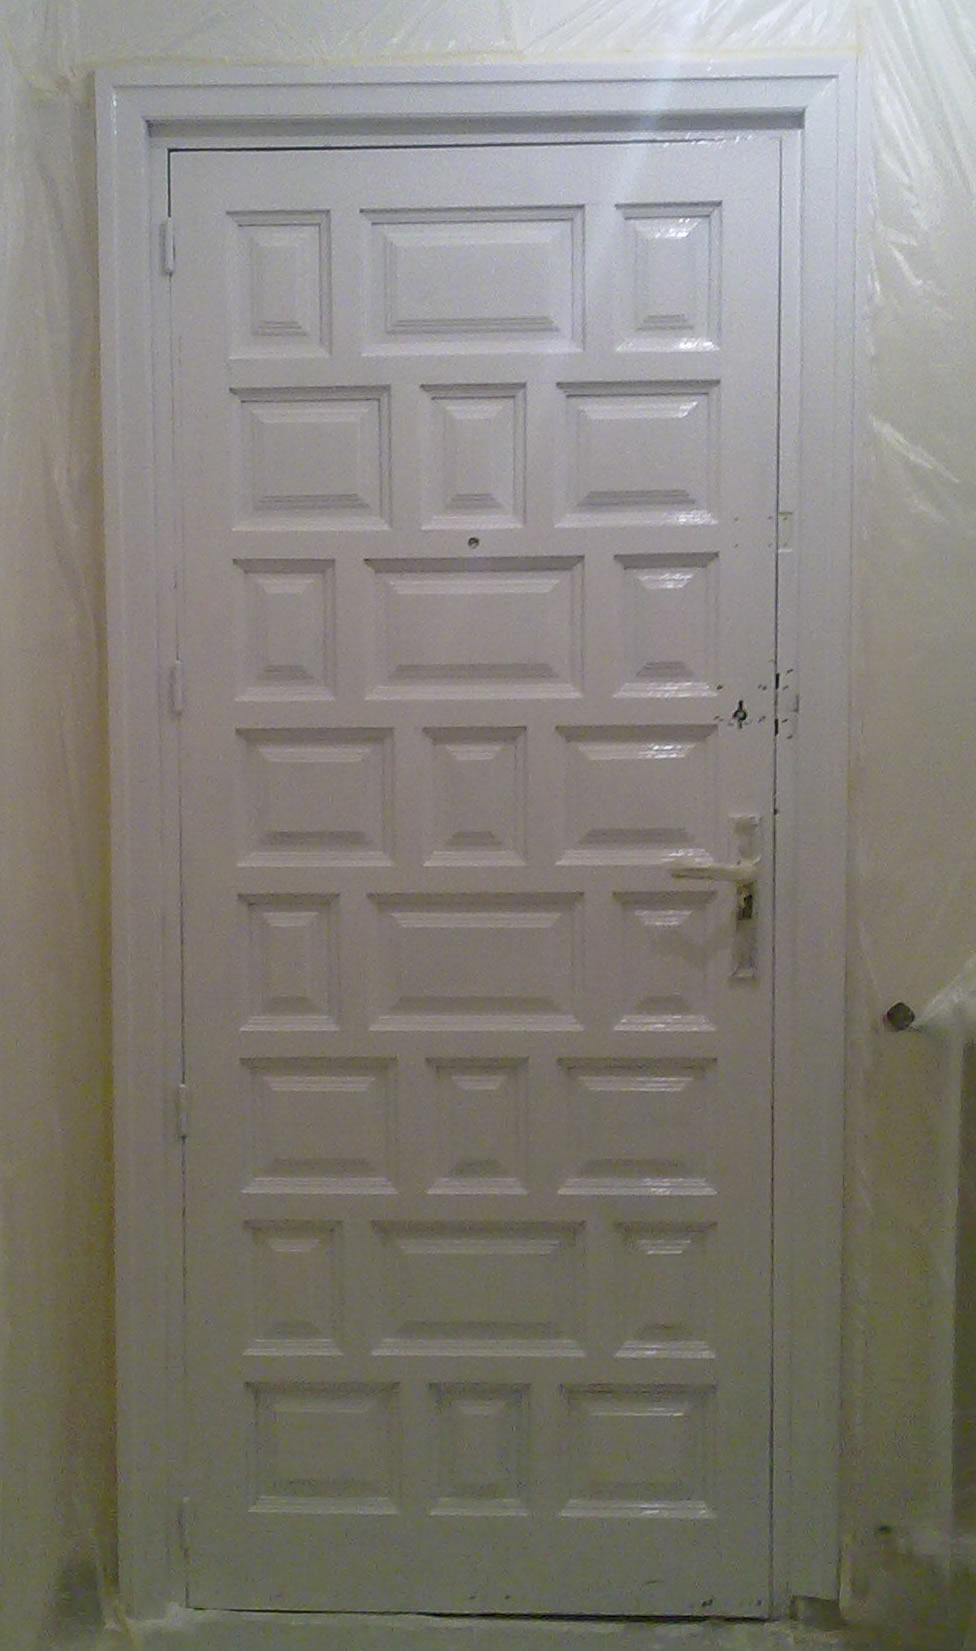 Puerta Lacada Blanca Puerta Lacada Blanca Con Llagueado  ~ Precio Puerta Lacada Blanca Instalada